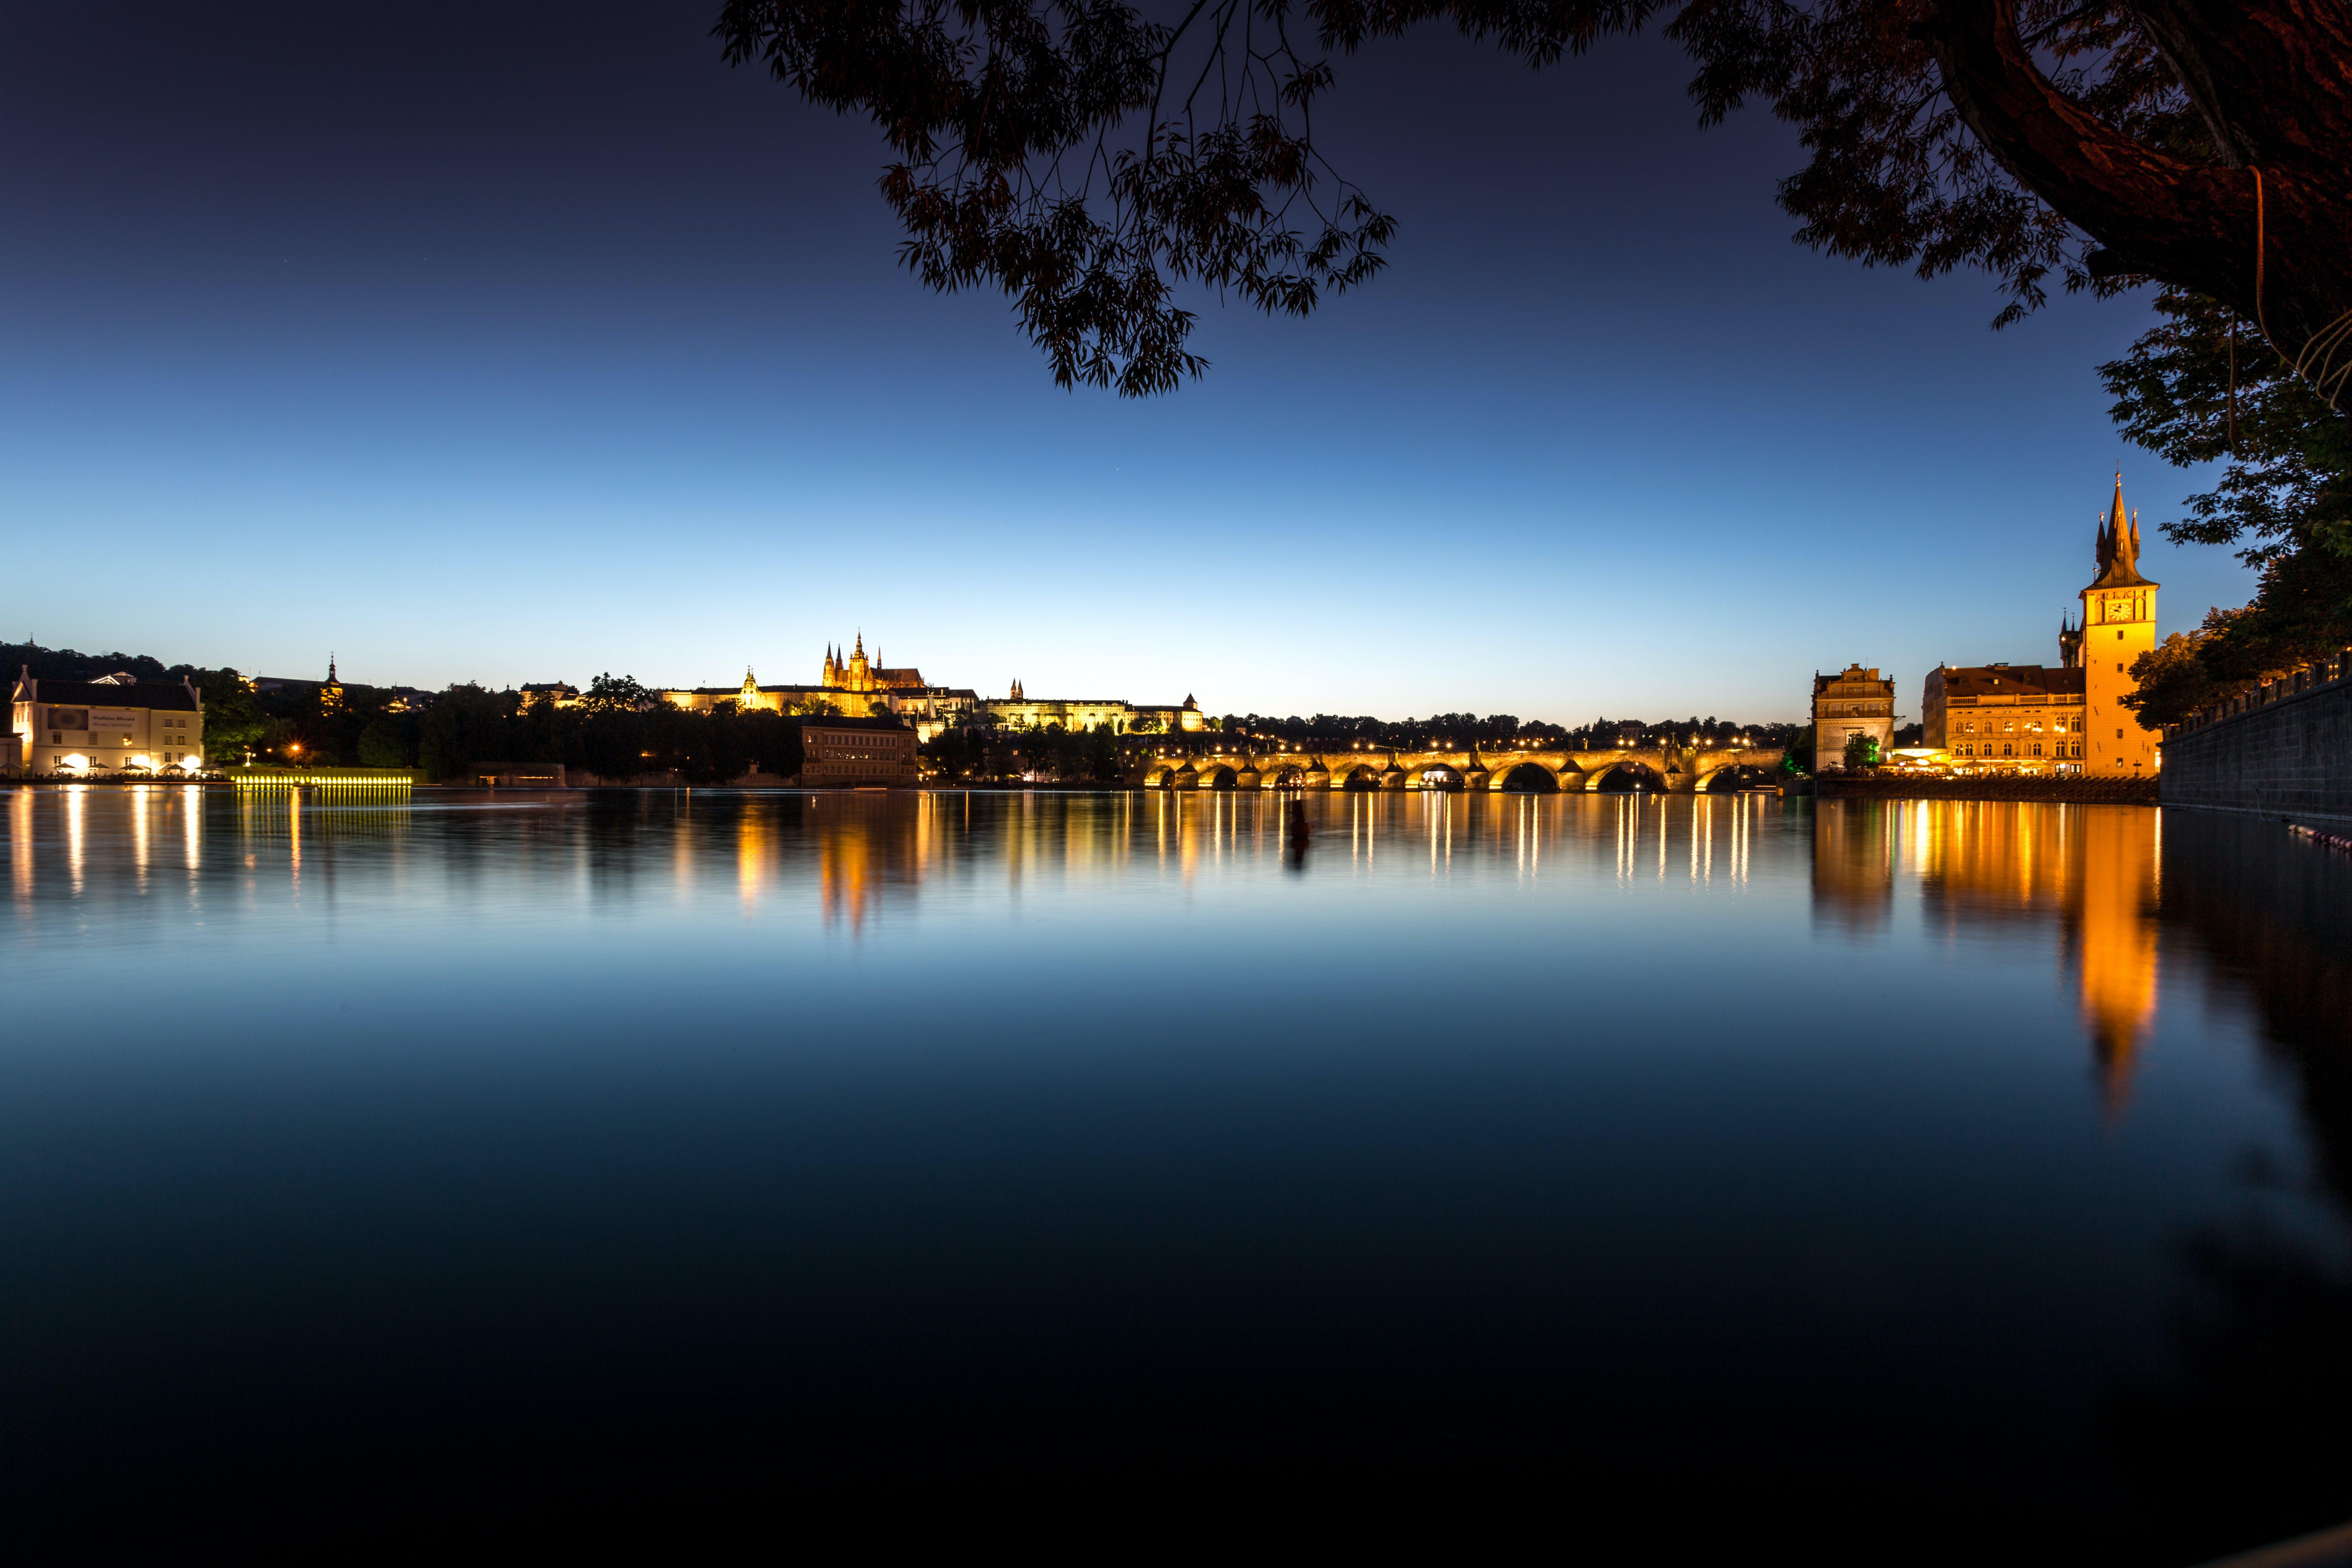 Ver la ciudad,Actividades,Visitas en barco o acuáticas,Actividades acuáticas,Crucero por el río Moldova,Con cena incluida